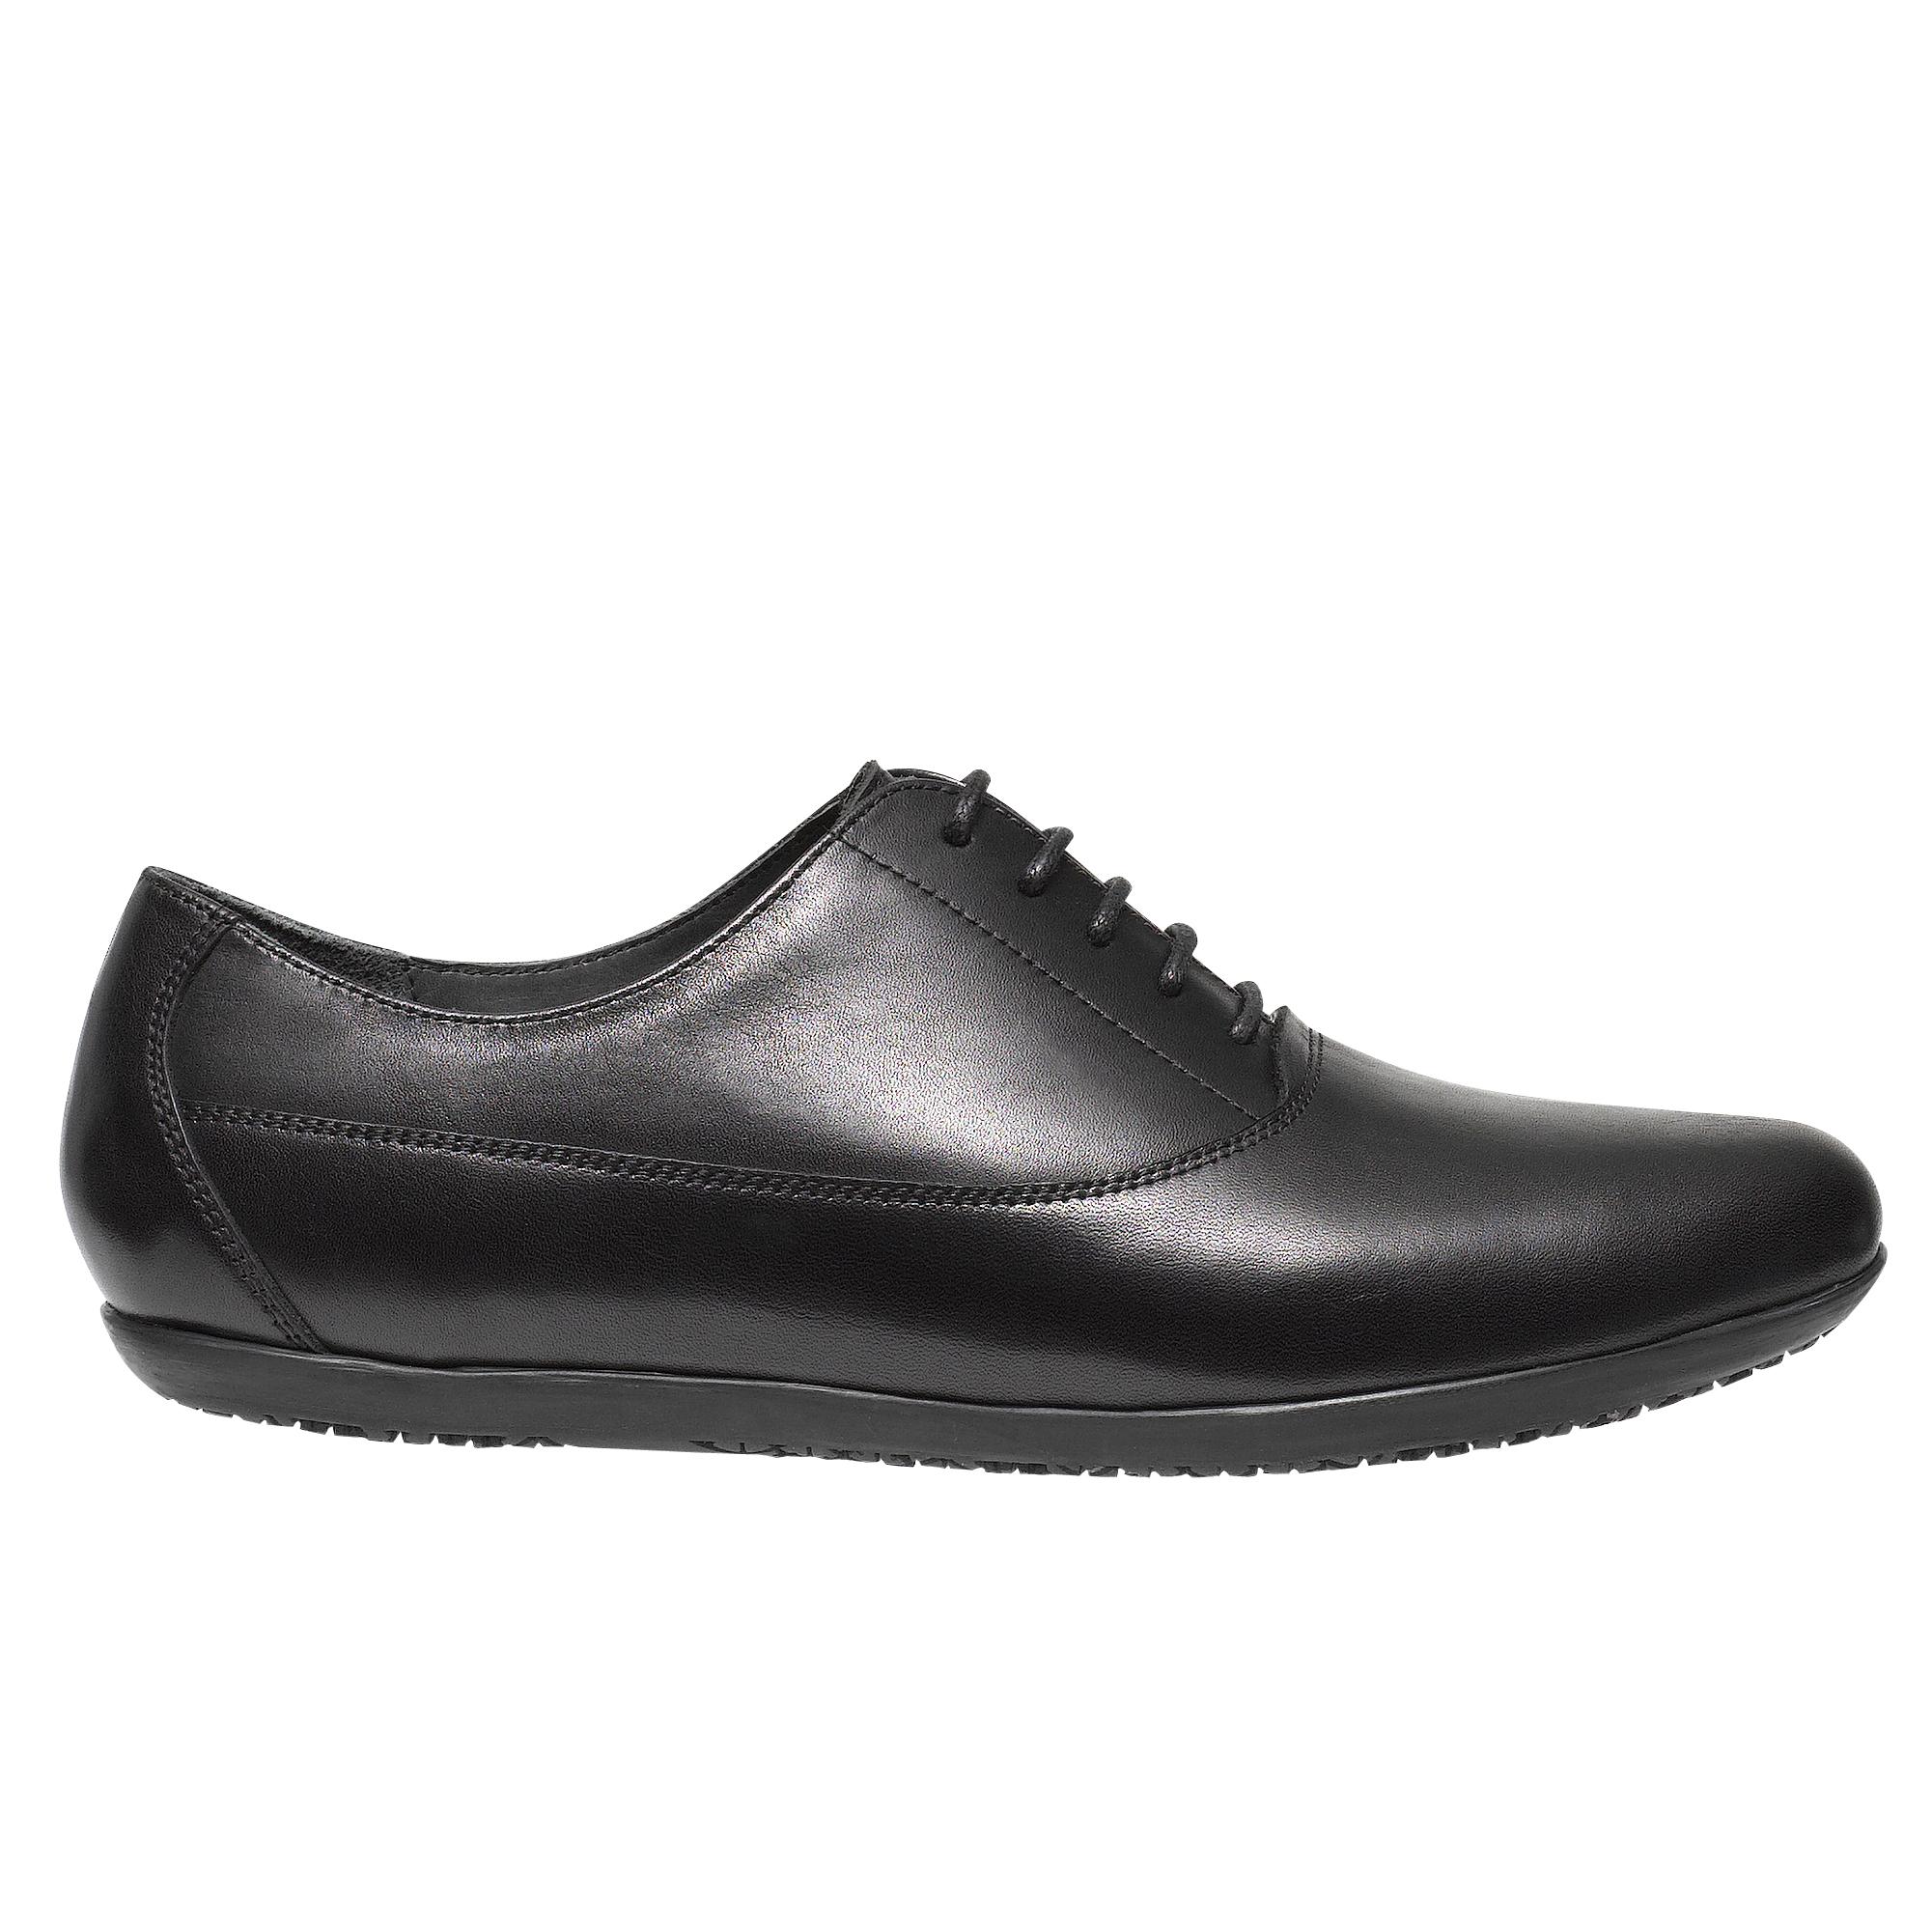 chaussure de travail femme vicci obchaussure de travail femme vicci ob. Black Bedroom Furniture Sets. Home Design Ideas